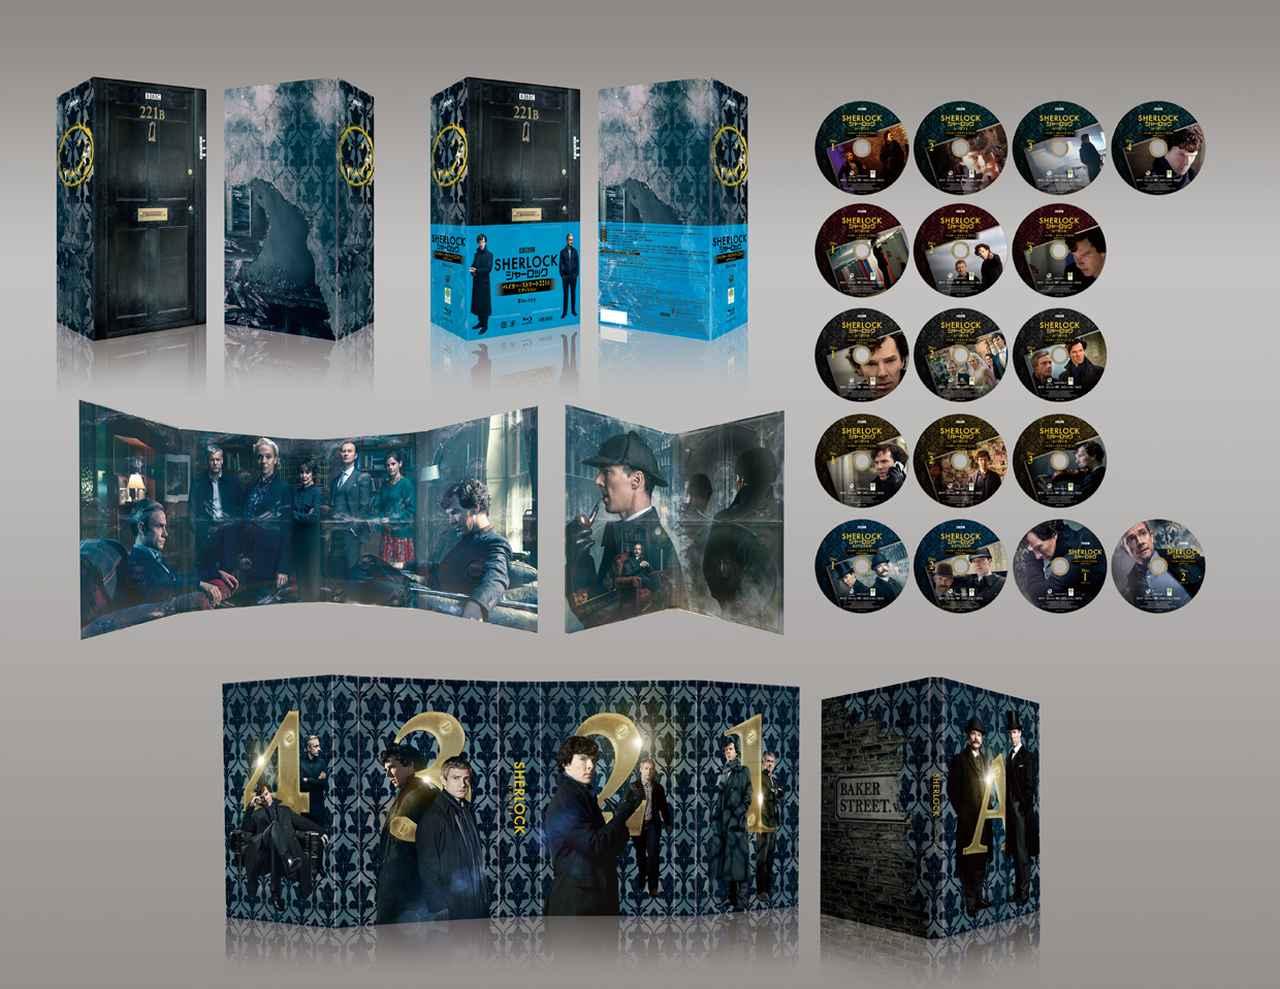 画像4: 冬は海ドラ!超絶人気「シャーロック」全シリーズ入ったDVD登場